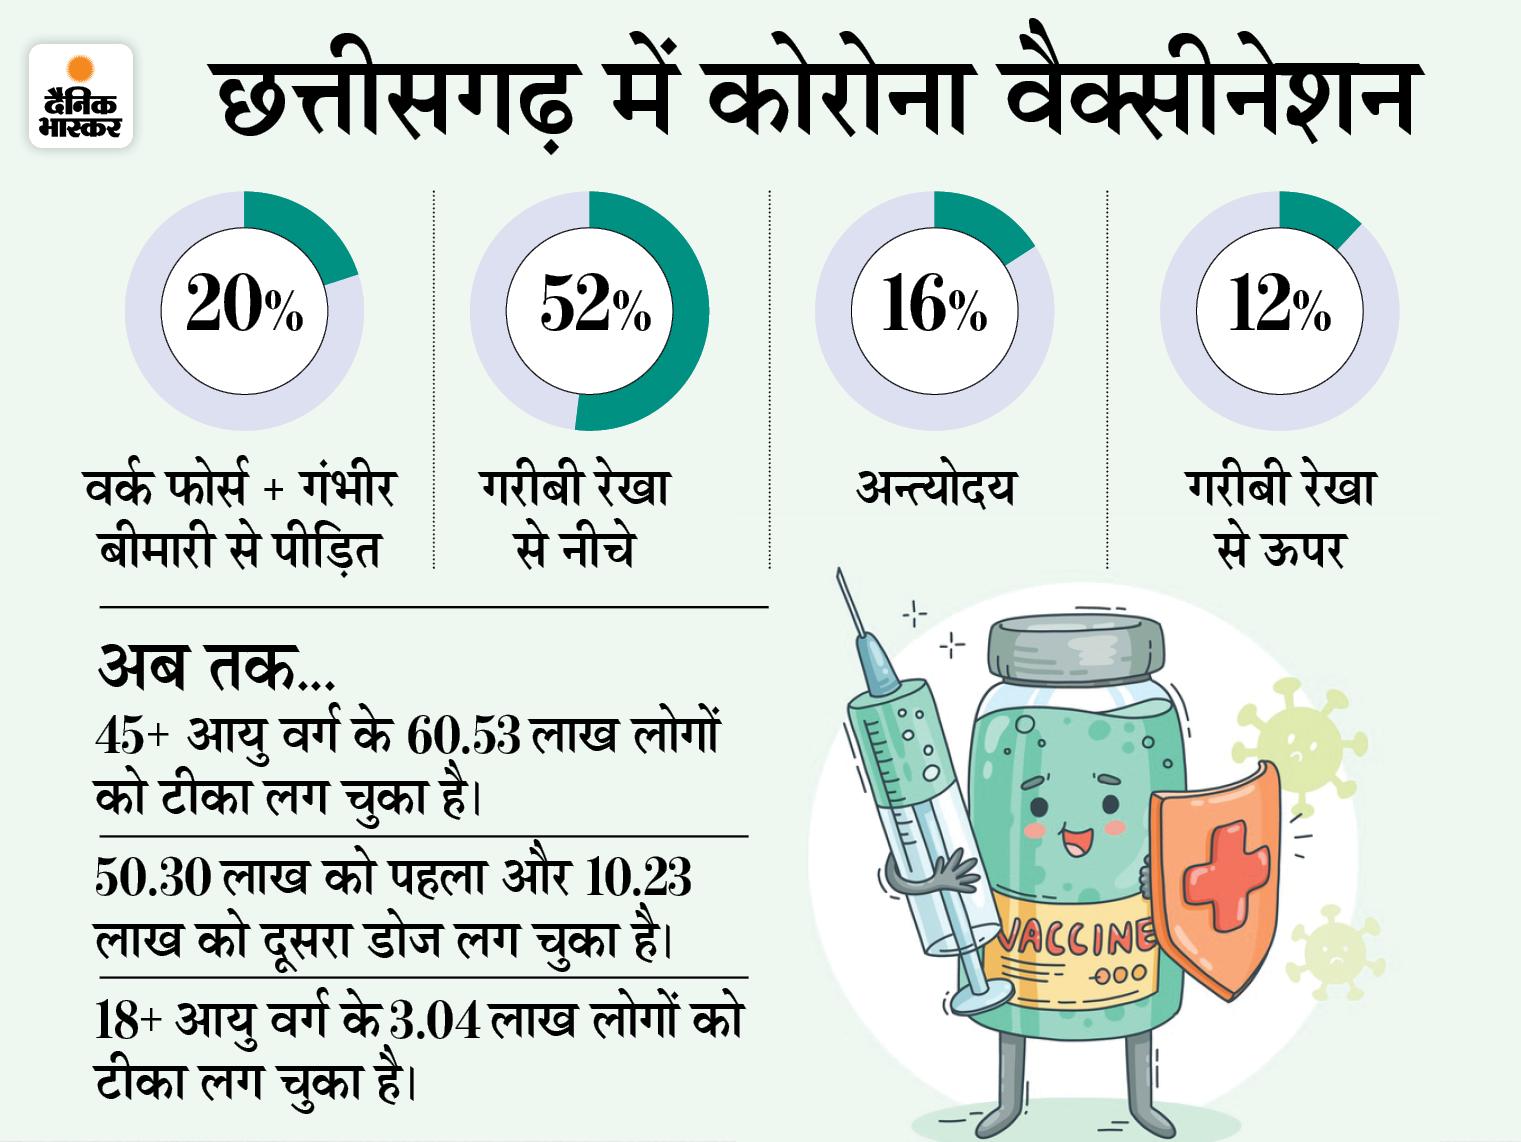 नए स्टॉक आने के बाद फिर से लगेंगे टीके, रायपुर के 18 सेंटर पर आज से सिर्फ BPL और अंत्योदय का ही वैक्सीनेशन|रायपुर,Raipur - Dainik Bhaskar